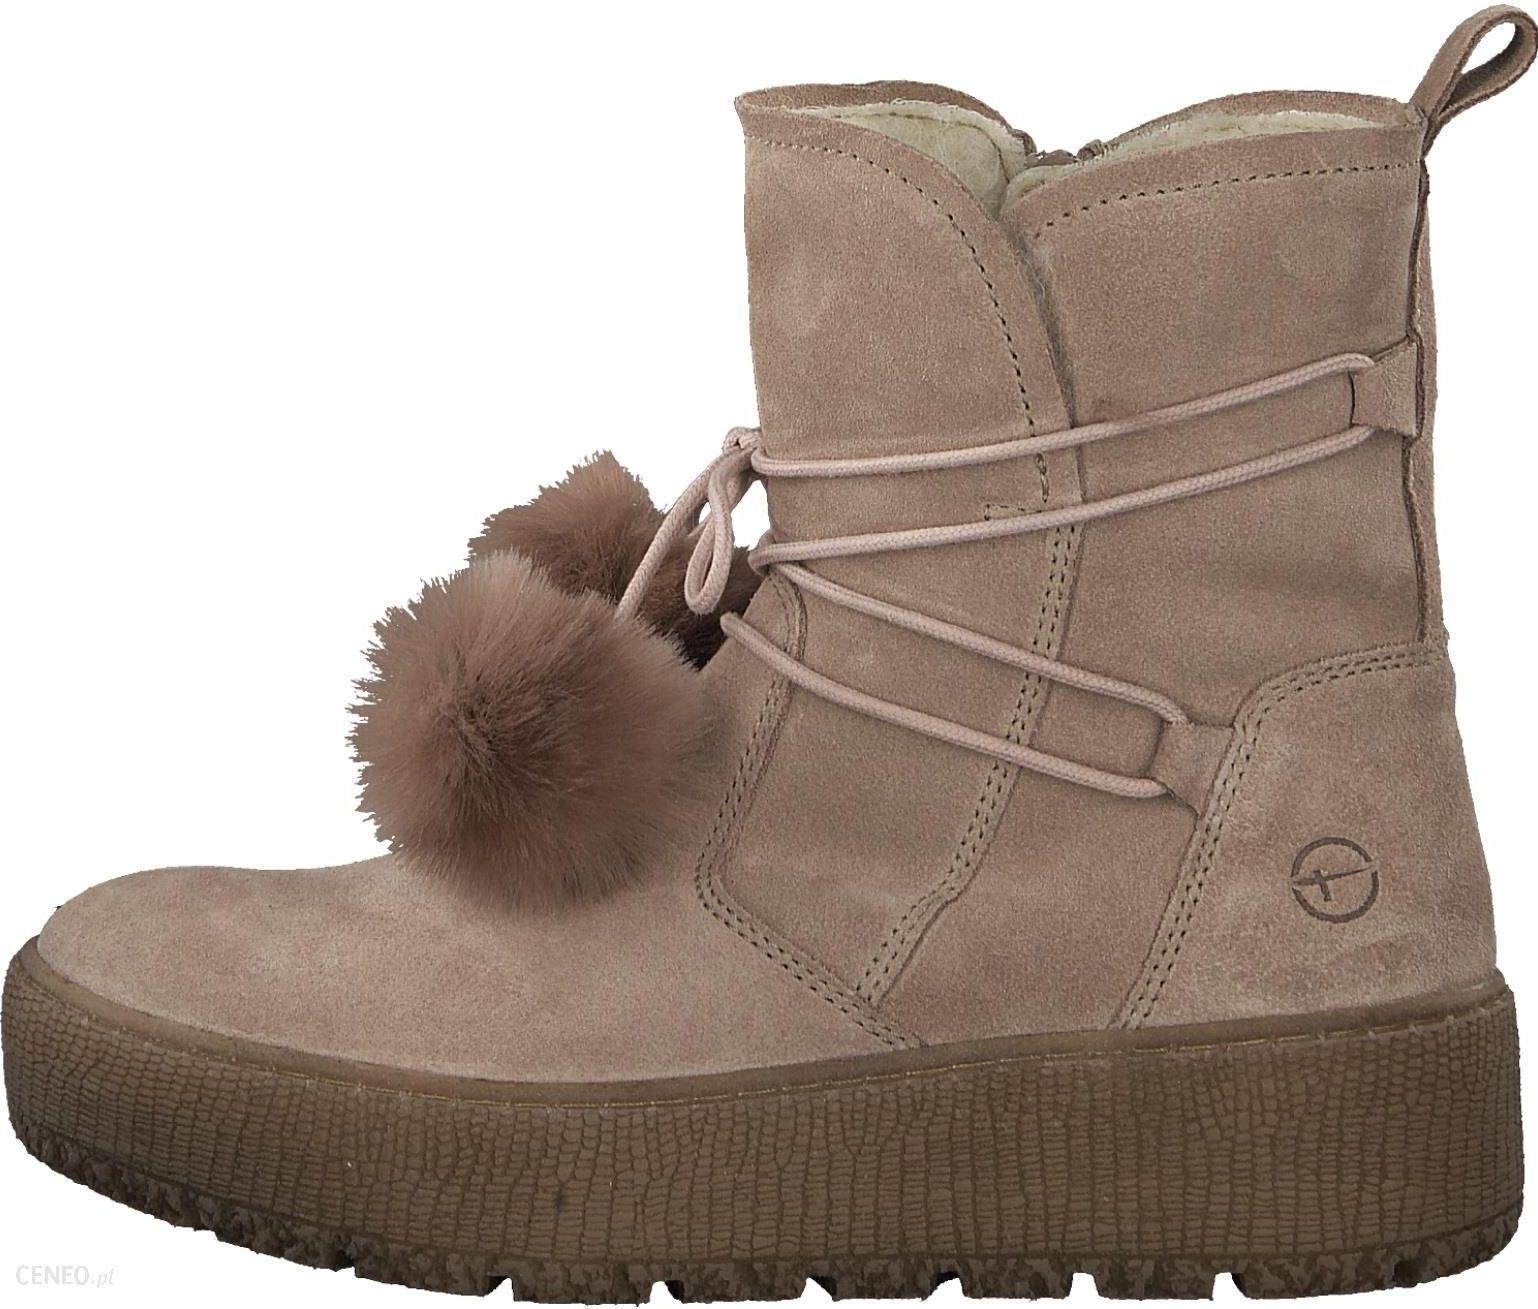 c88456a48366 Tamaris buty zimowe damskie 37 różowy - Ceny i opinie - Ceneo.pl